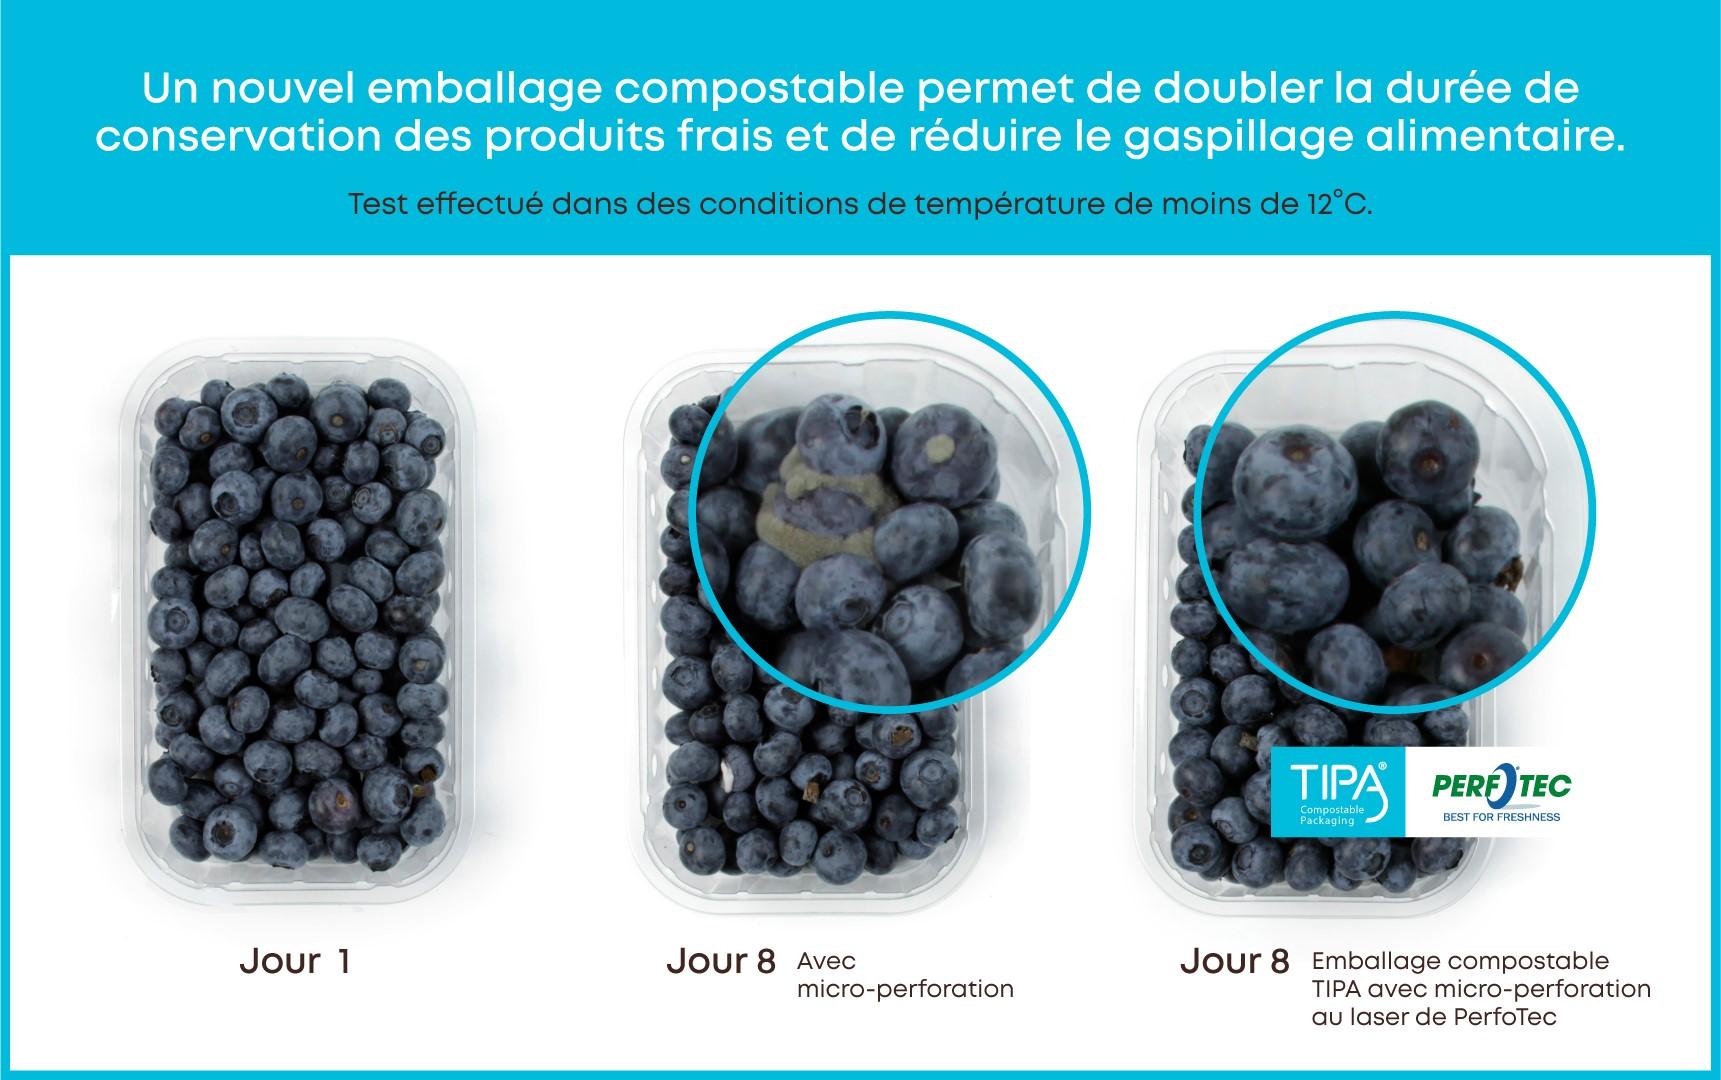 TIPA Perfotec Blueberry Test FR - Un nouvel emballage compostable peut doubler la durée de conservation des produits frais